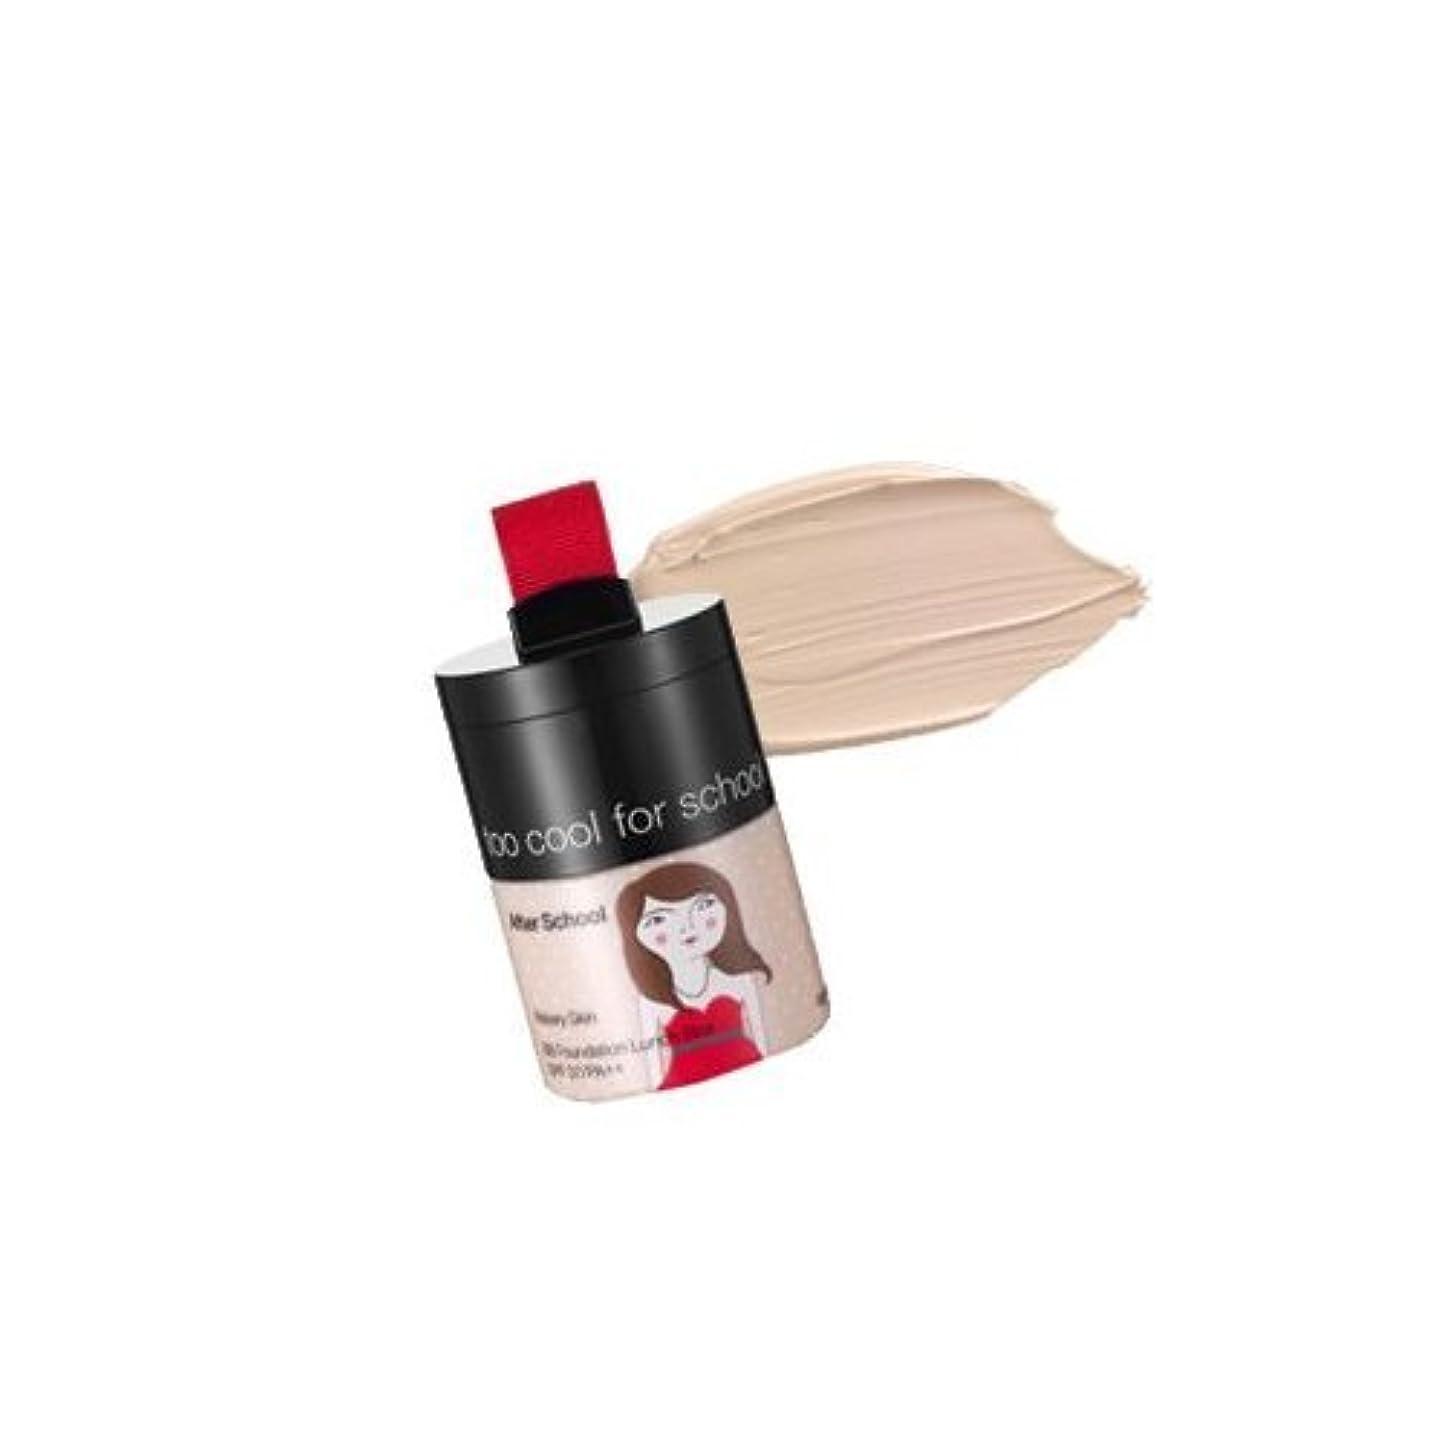 思想顔料時間とともにTOO COOL FOR SCHOOL After School BB Foundation Lunch Box 01 Matte Skin (並行輸入品)